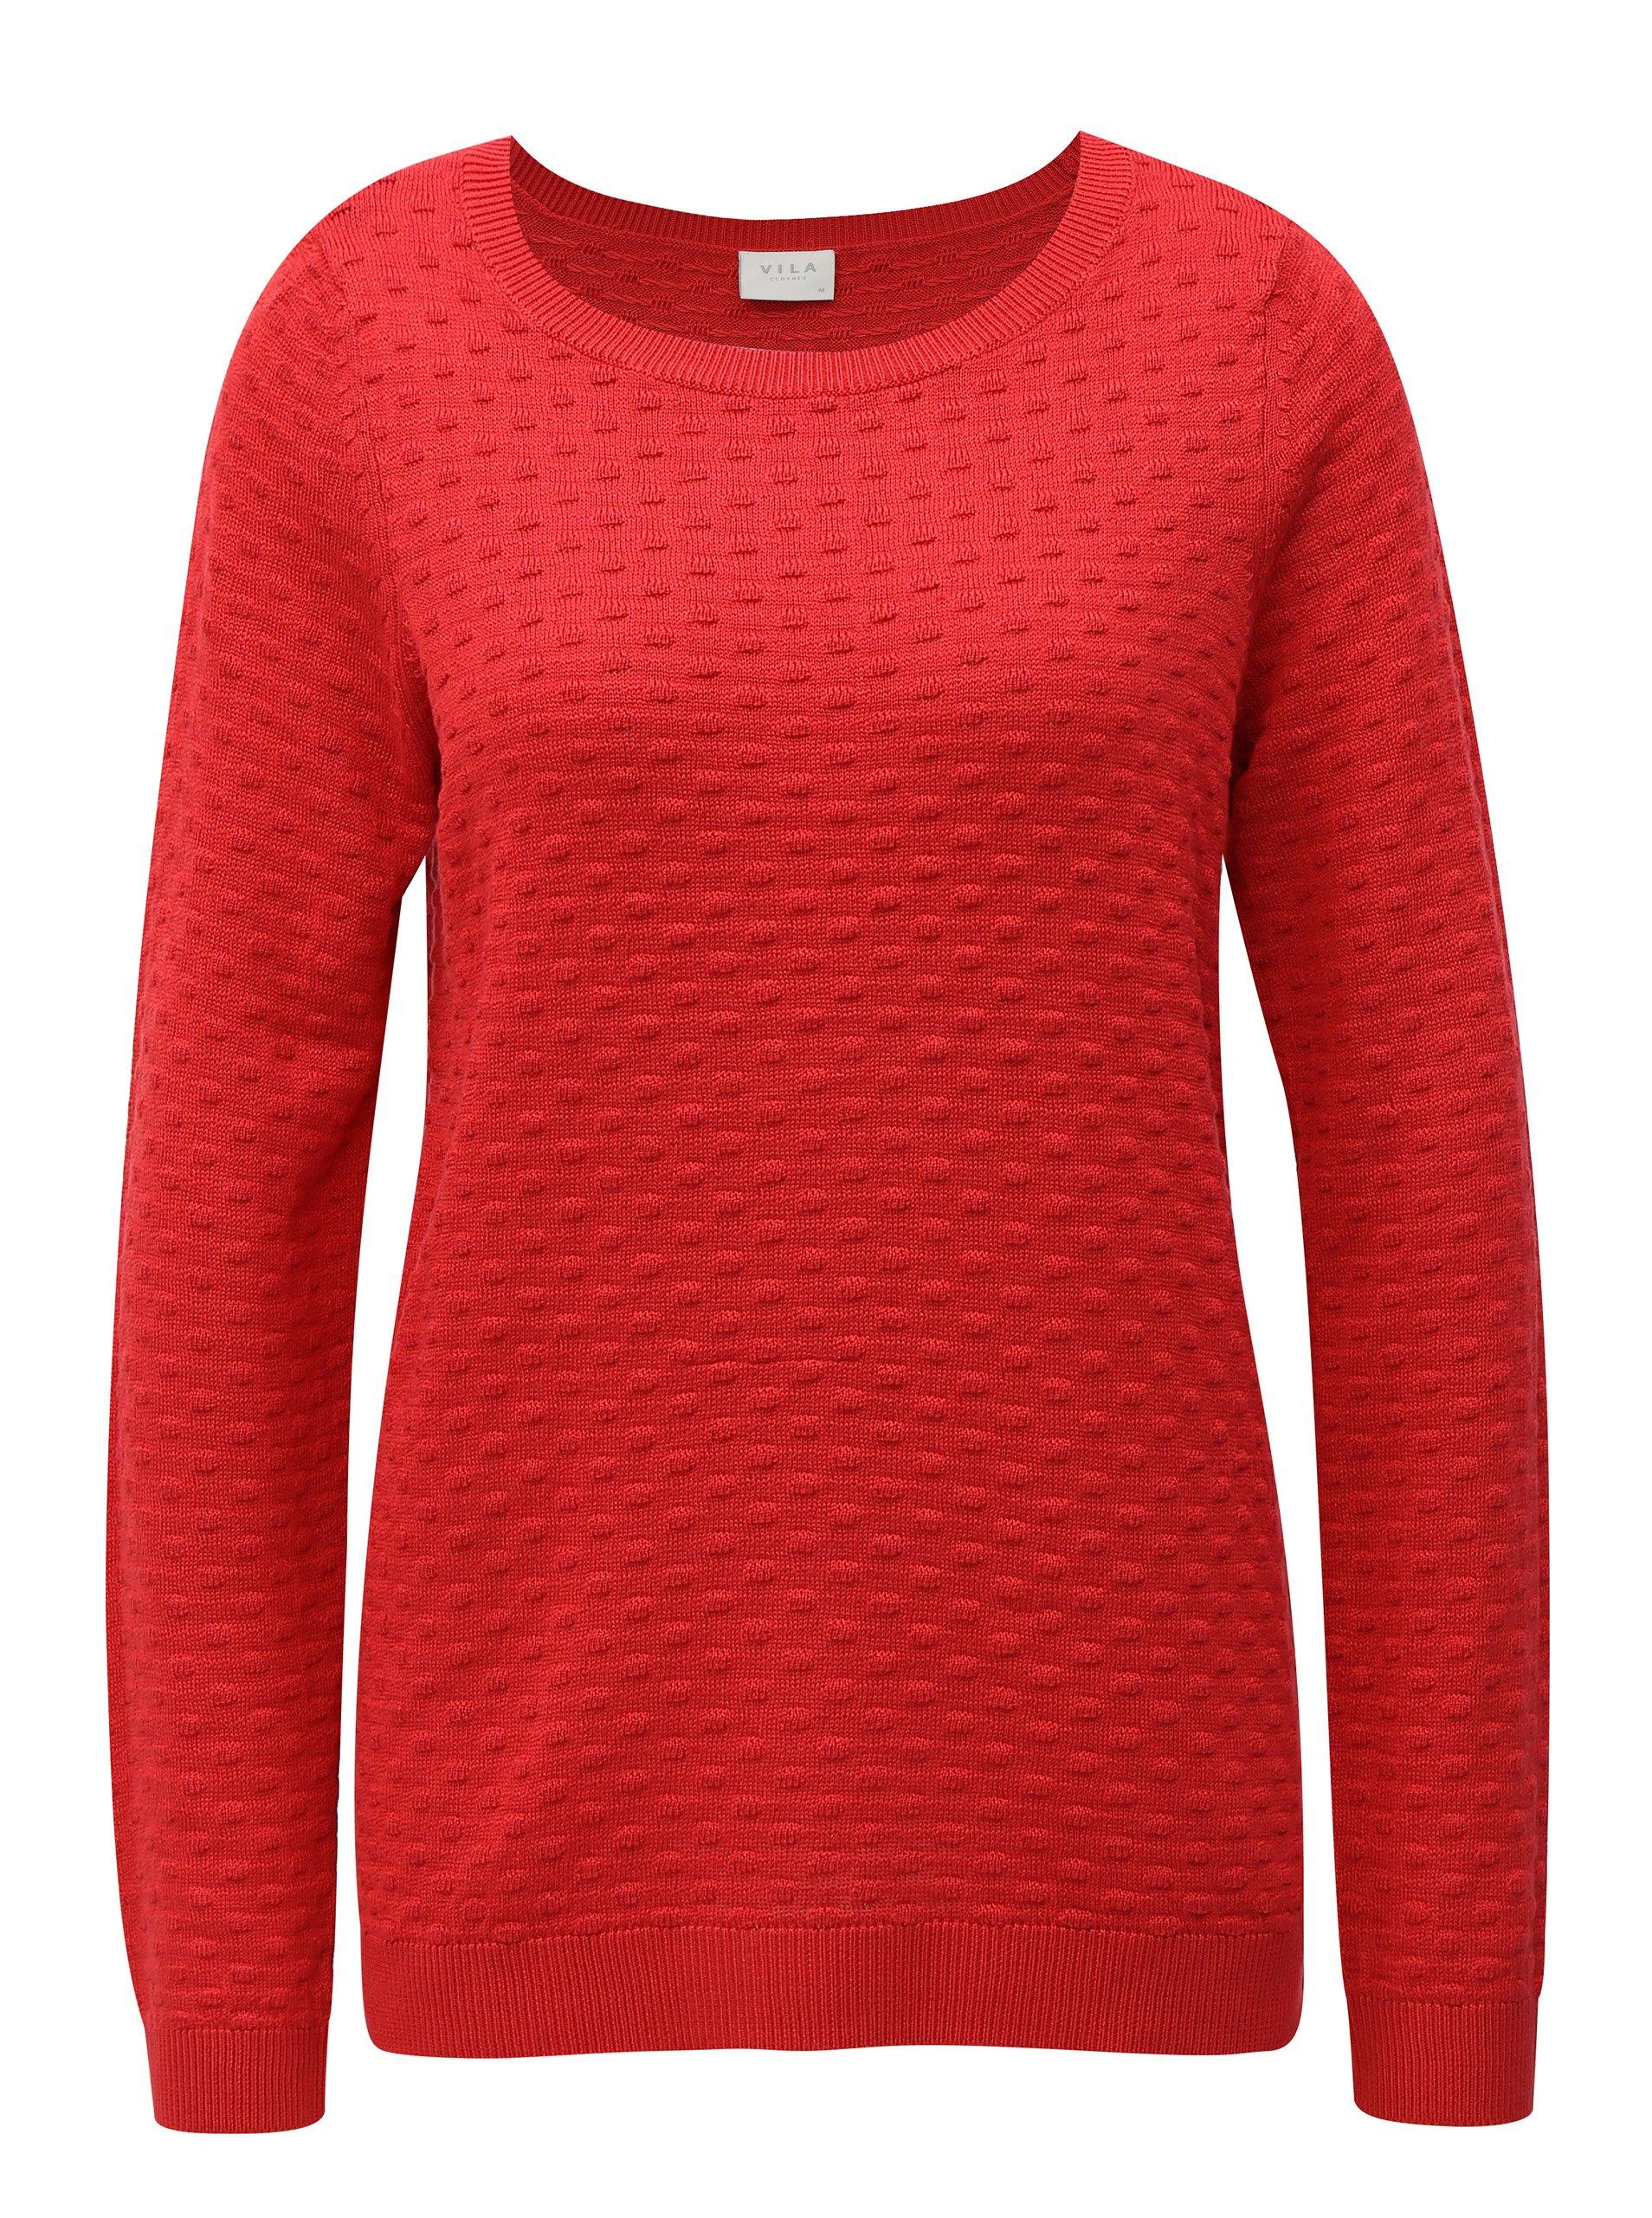 6f0bbcb939cc Červený sveter VILA Safarina